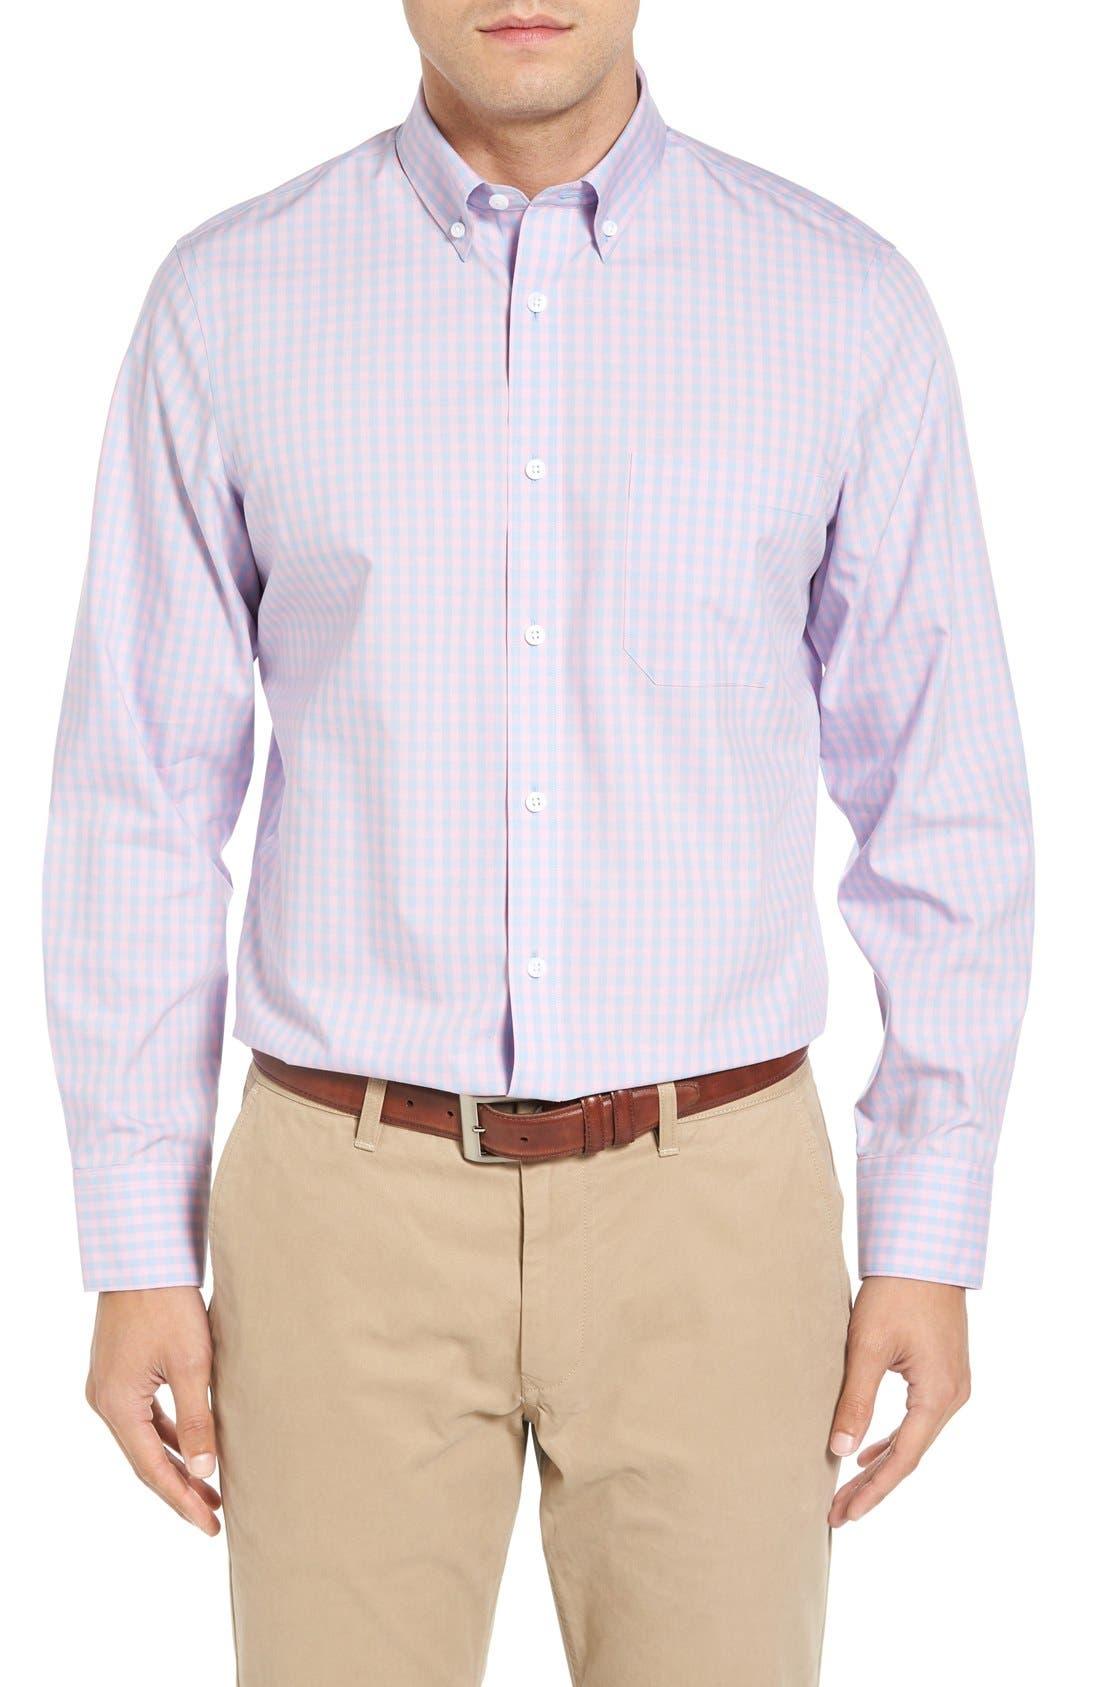 Alternate Image 1 Selected - Nordstrom Men's Shop Smartcare™ Regular Fit Check Sport Shirt (Tall)